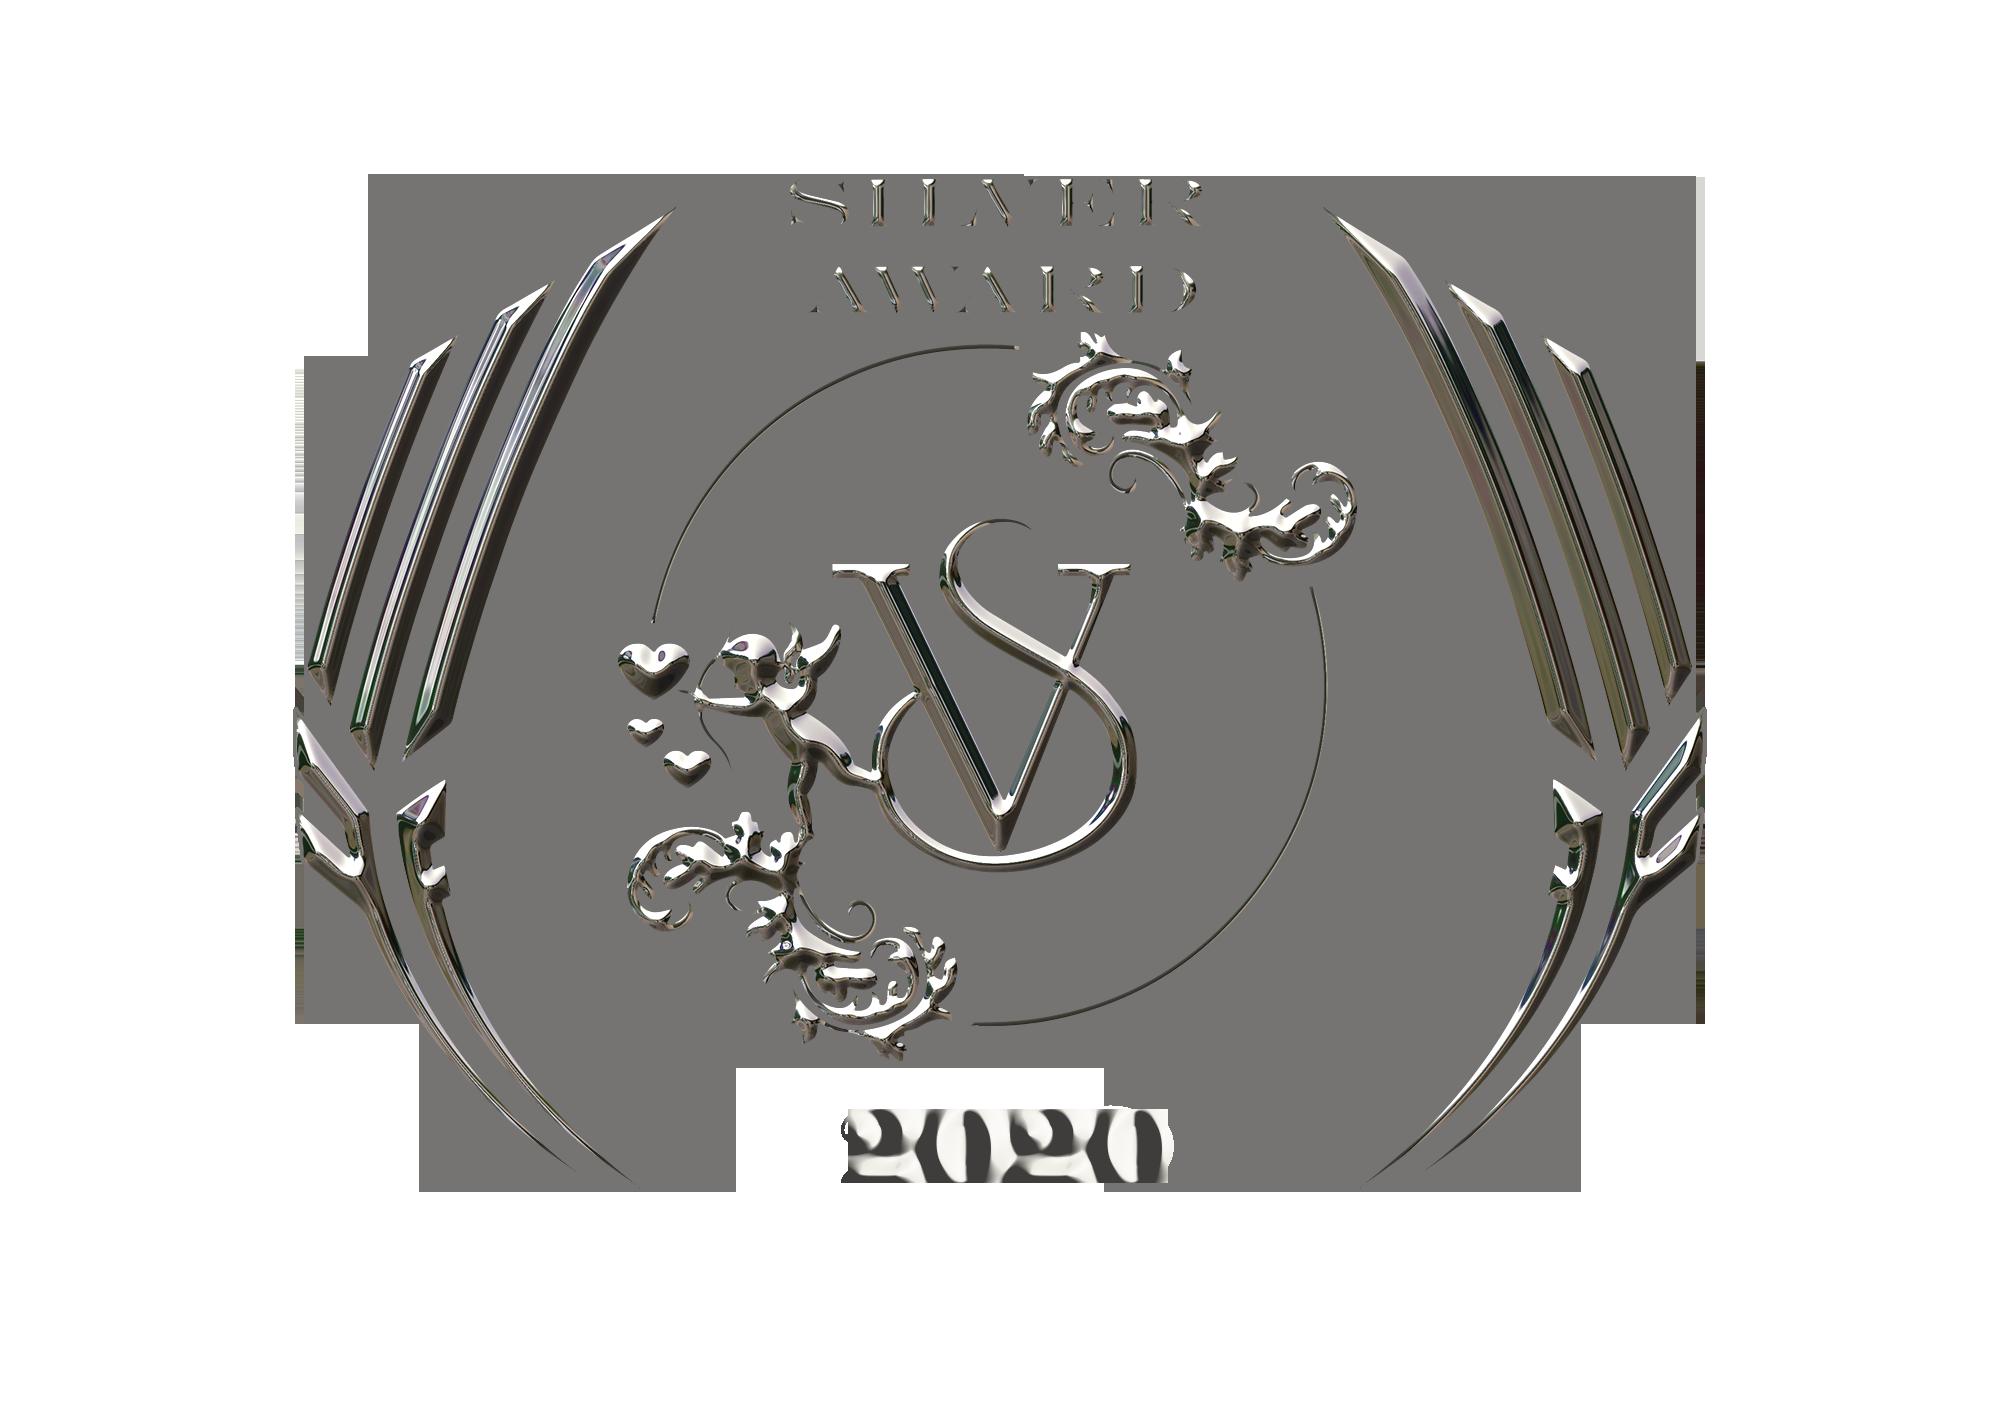 VSC 2020